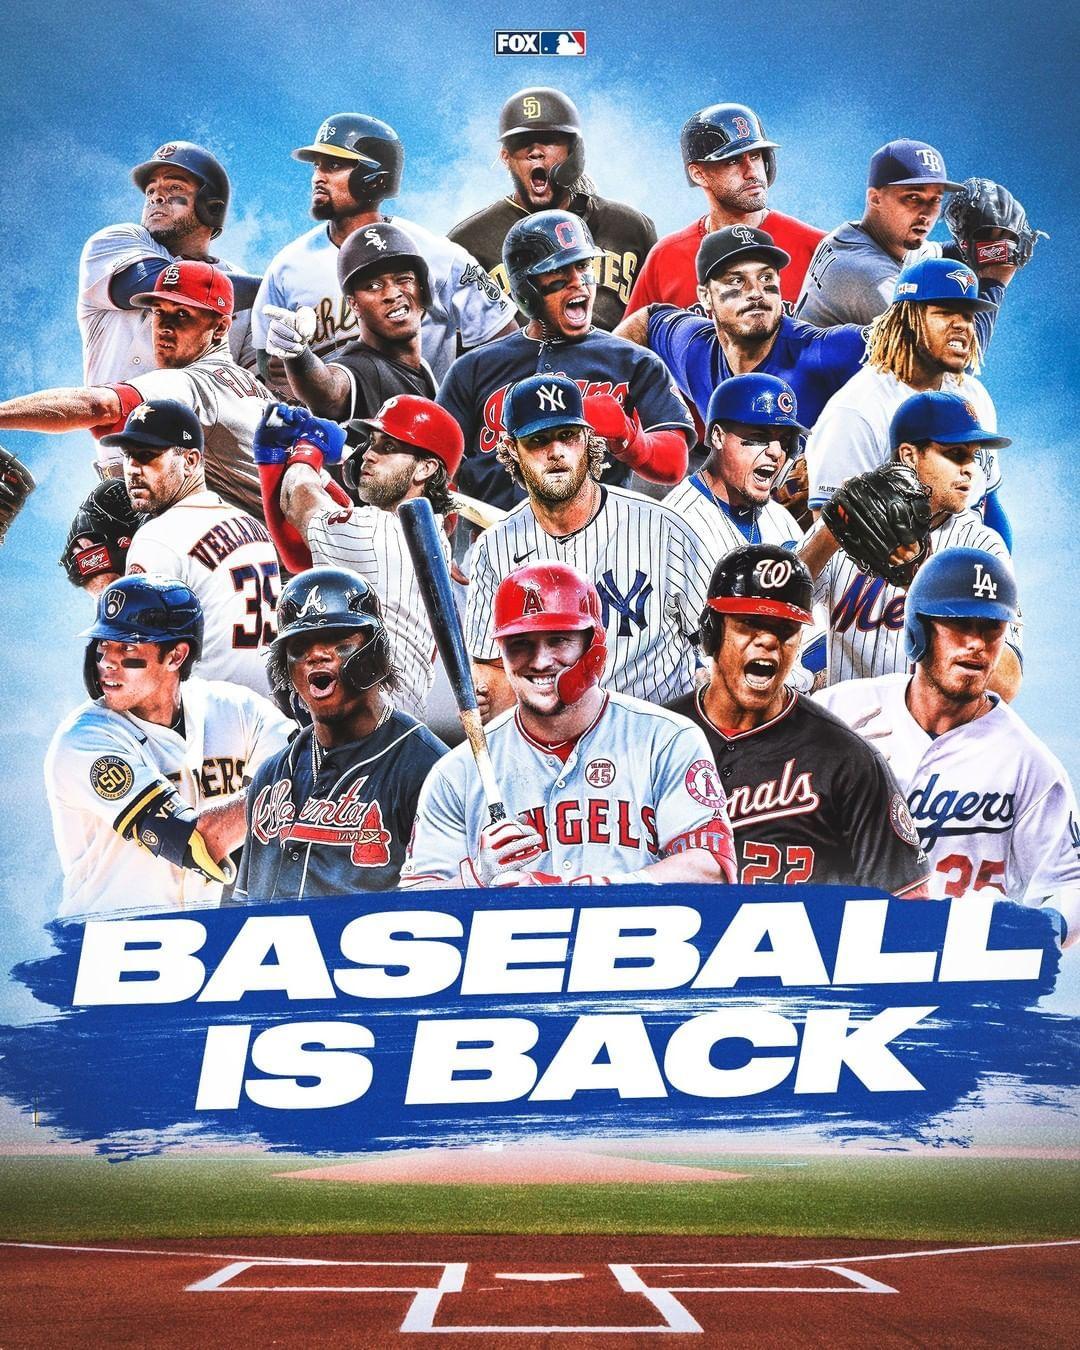 Mlb On Fox On Instagram Baseball Is Back In 2020 Play Baseball Baseball Baseball Today